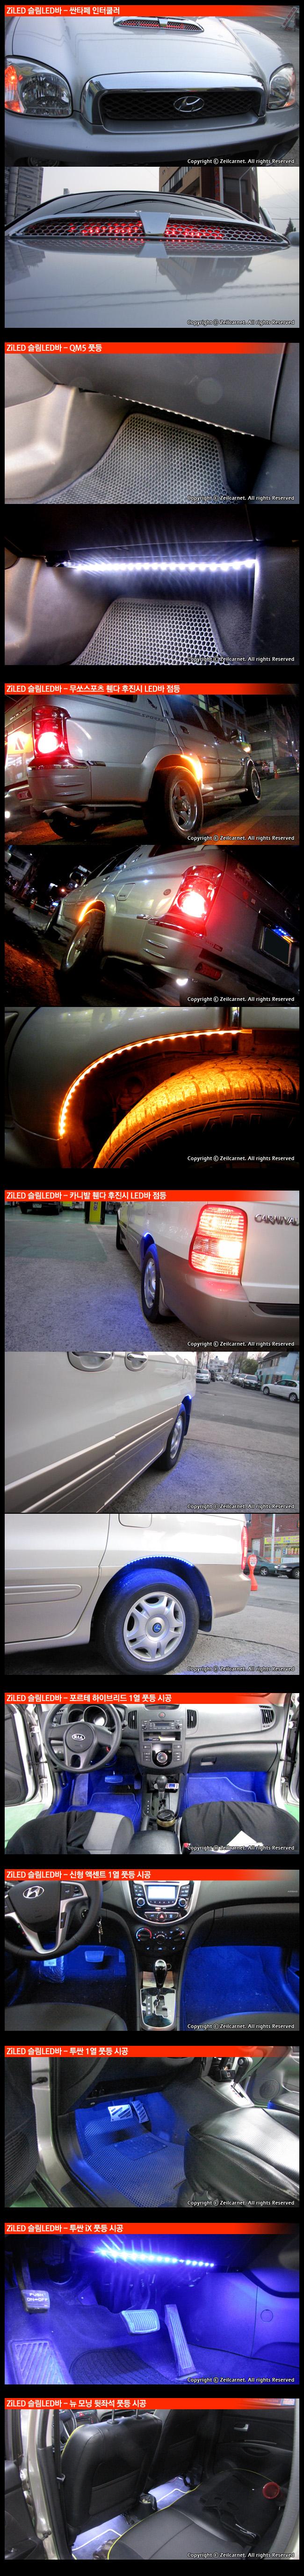 자동차용품, 줄엘이디,LED바 5450 24구 45cm ,줄LED,화이트